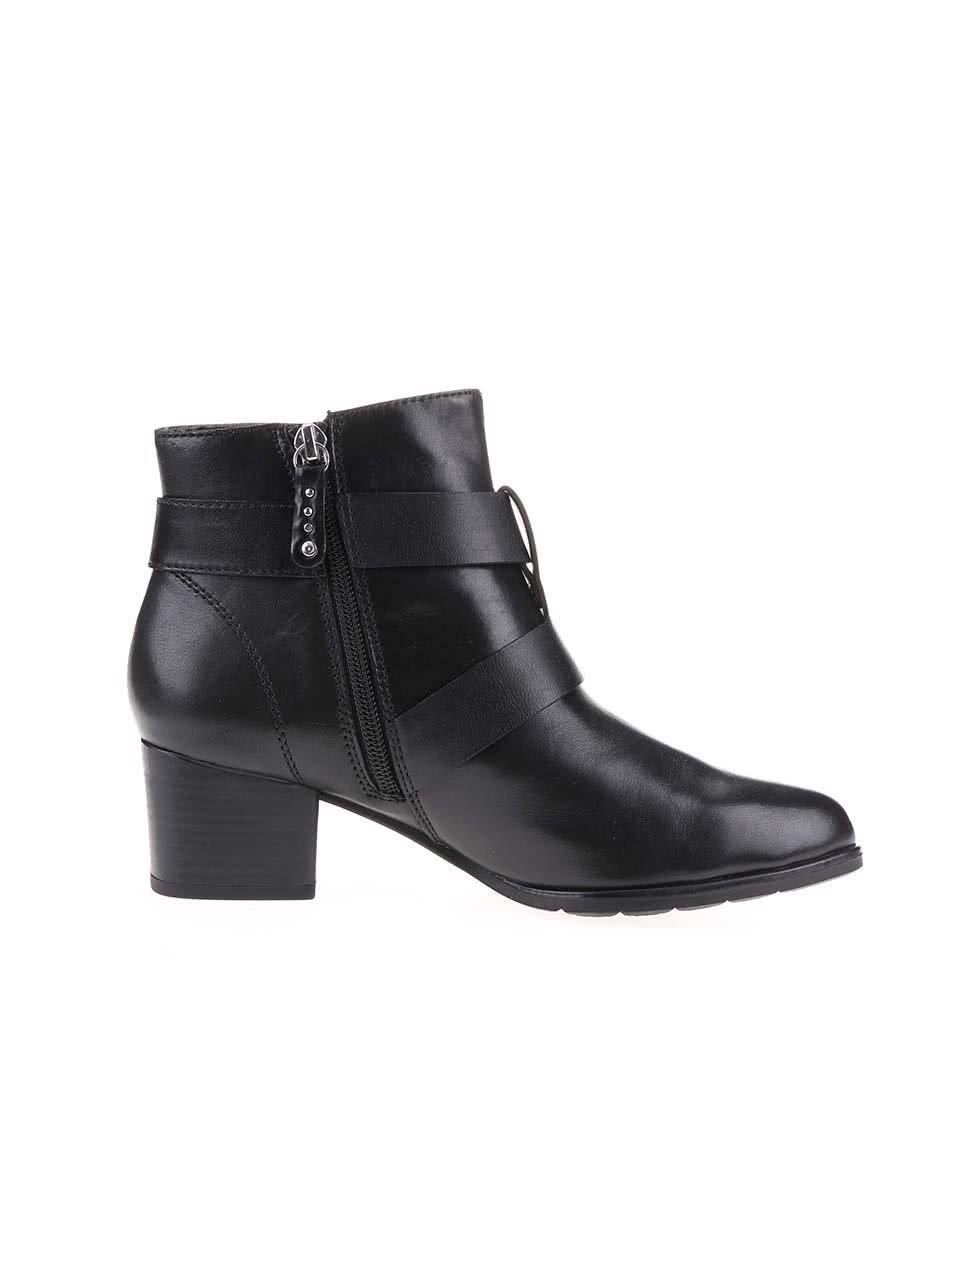 4d0ab1354a Čierne dámske kožené členkové topánky s prackami s.Oliver ...